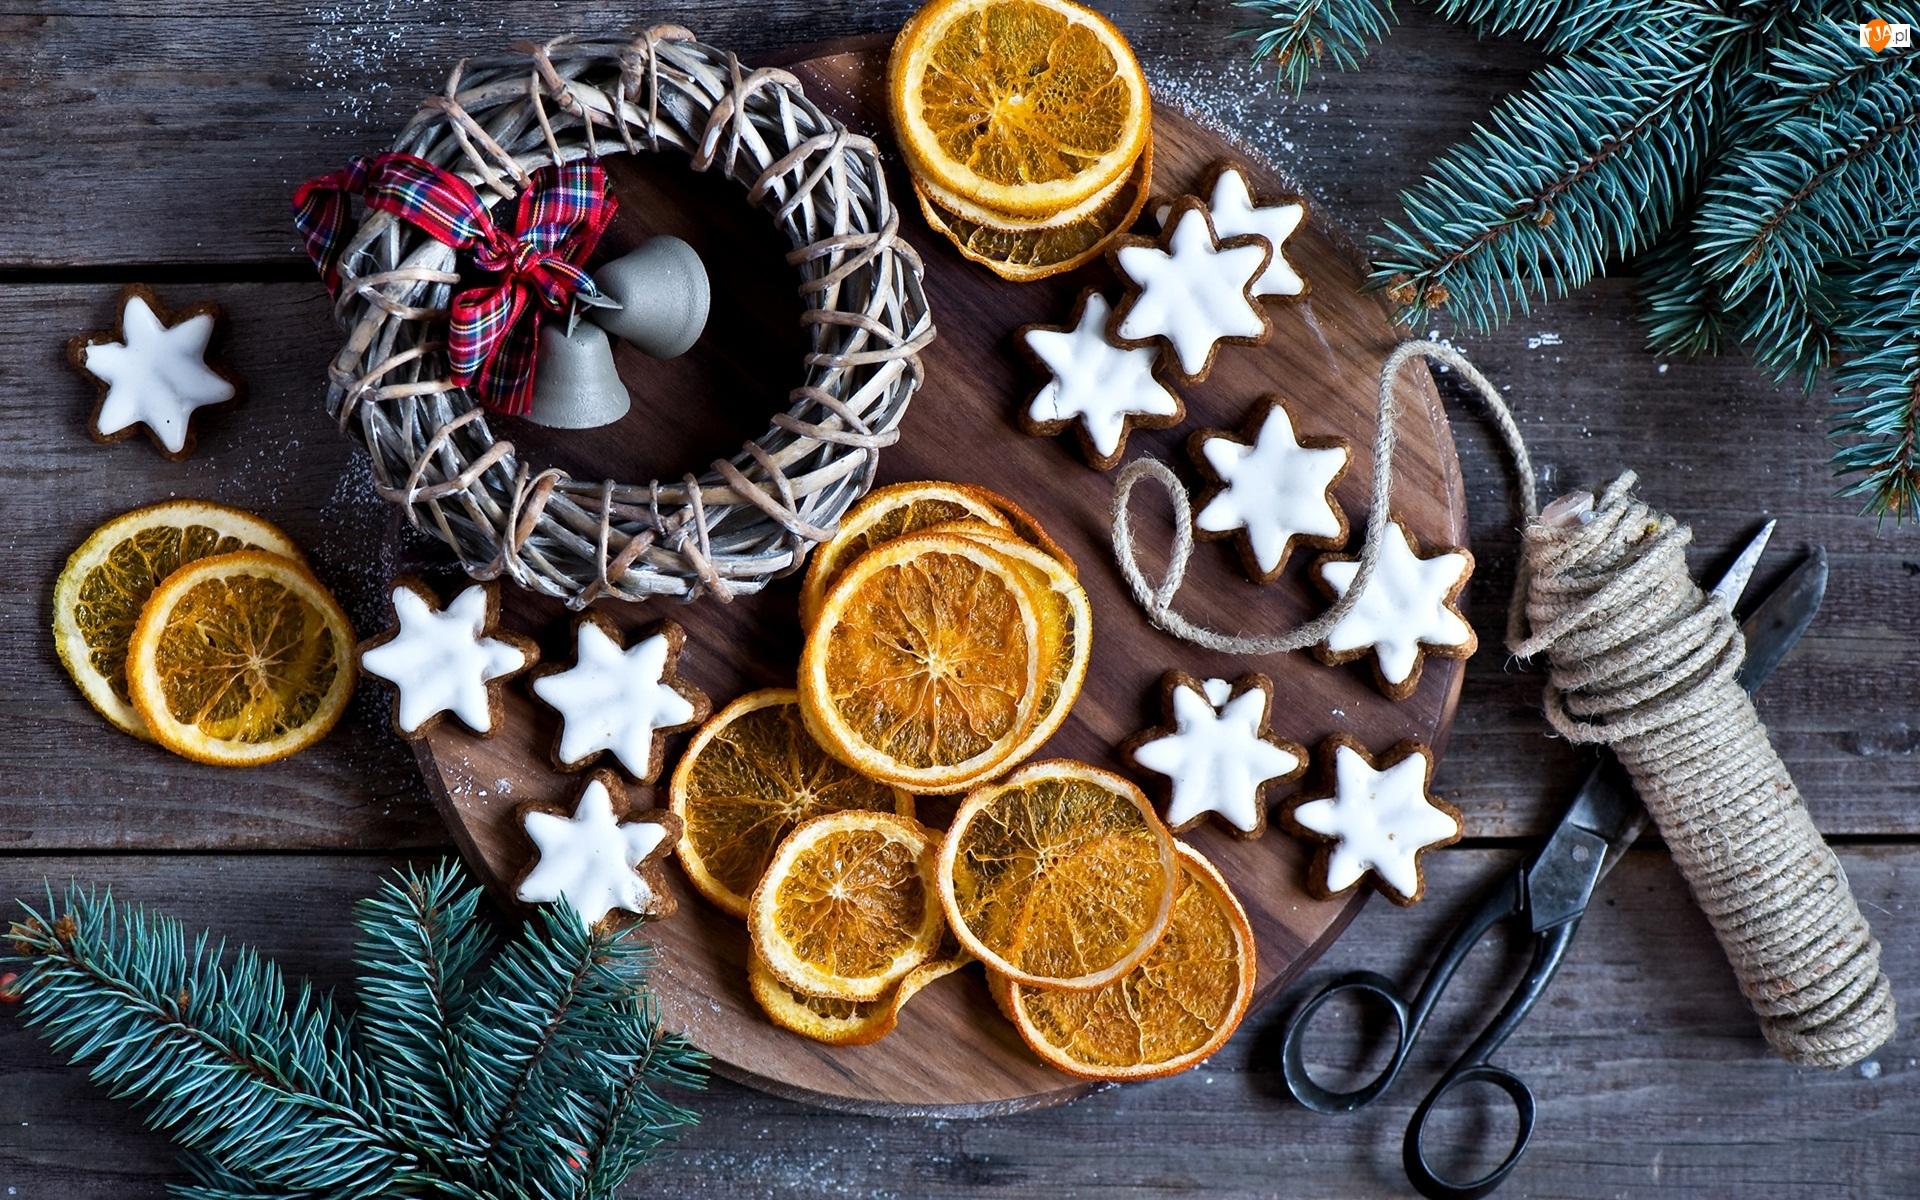 Pierniczki, Plastry, Boże Narodzenie, Kompozycja, Gałżki, Nożyce, Pomarańcze